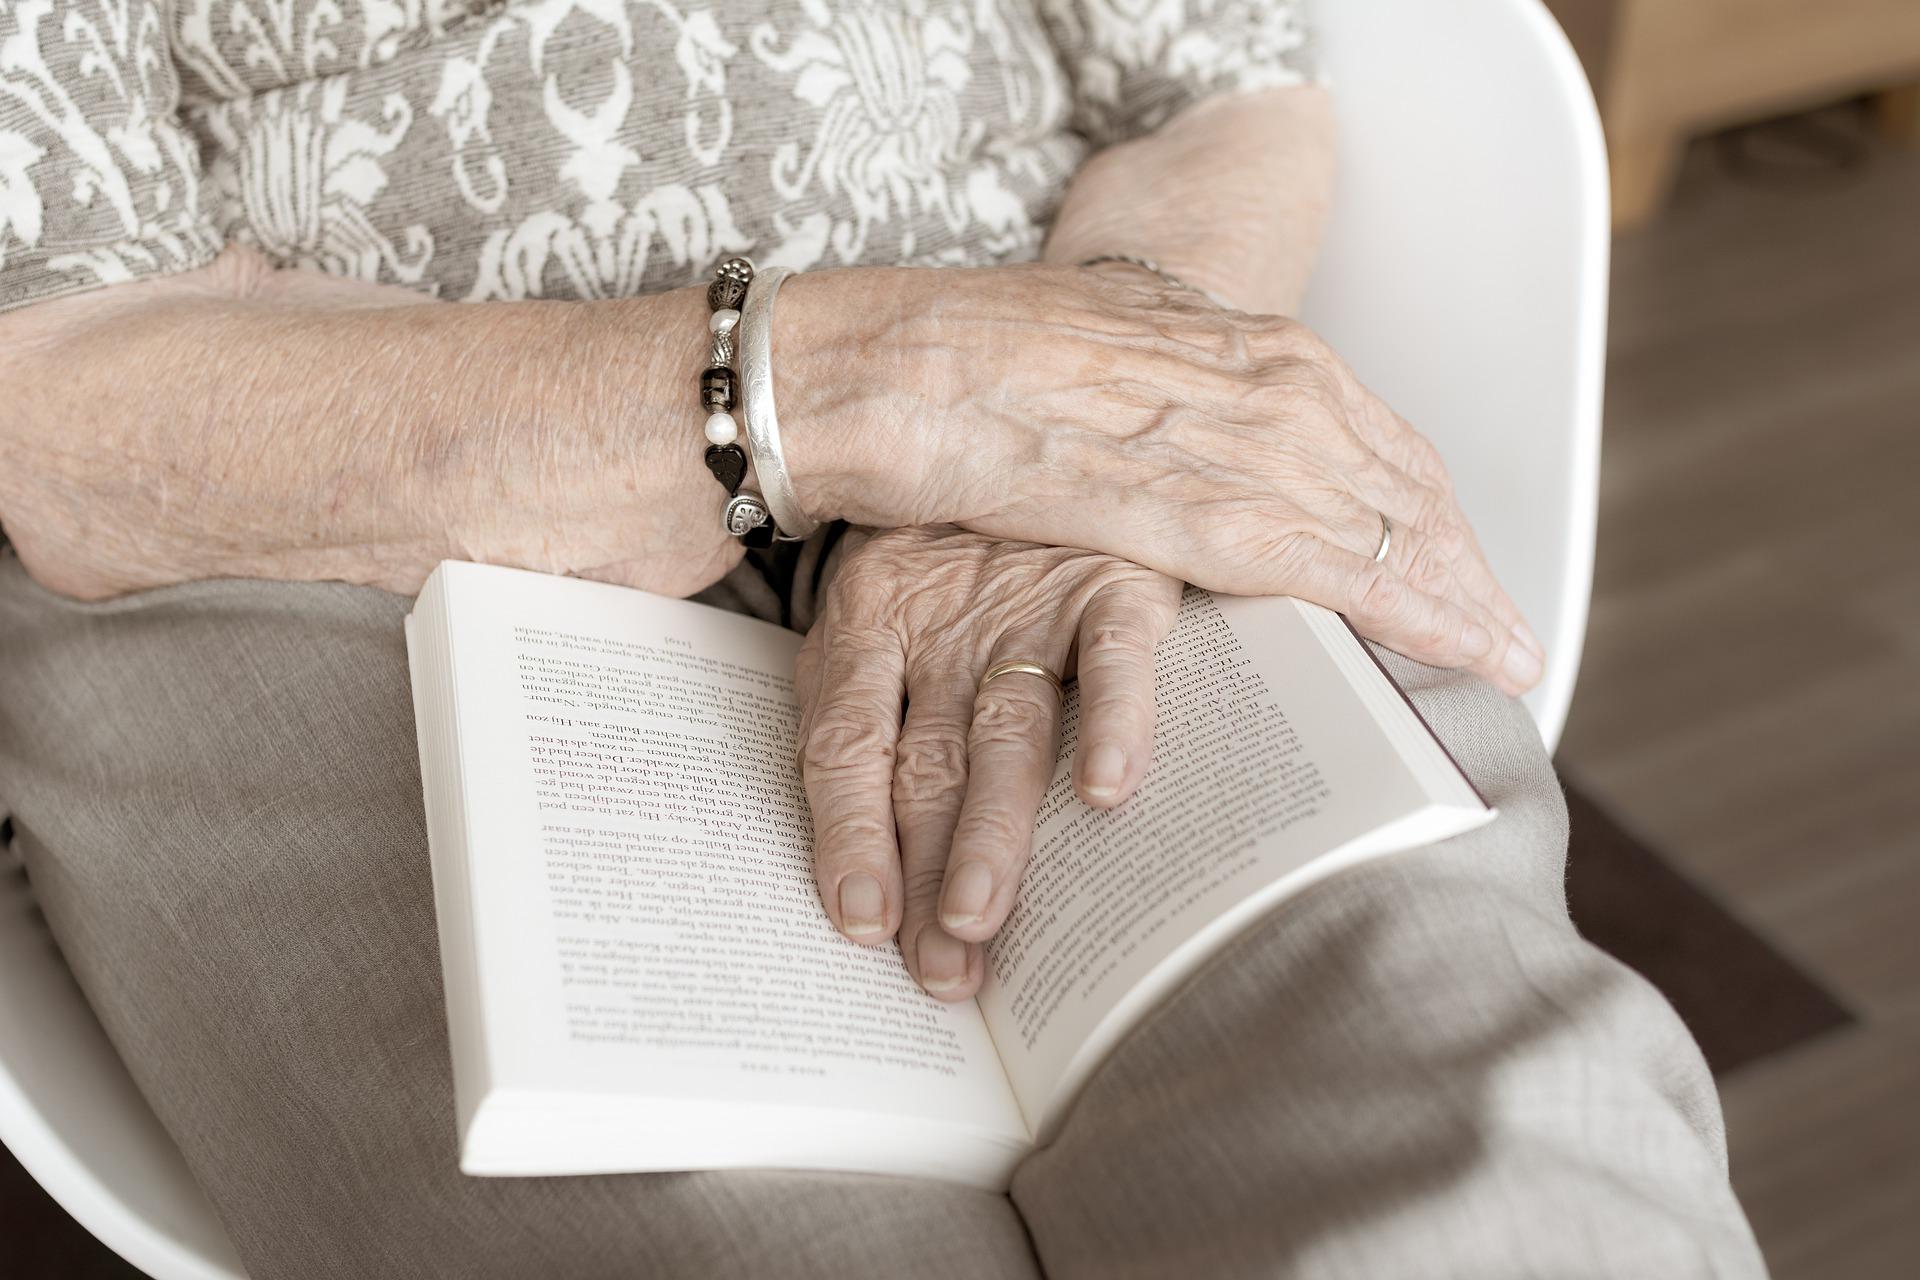 Вам больше 65 лет? Обратите внимание на рекомендации по профилактике коронавирусной инфекции